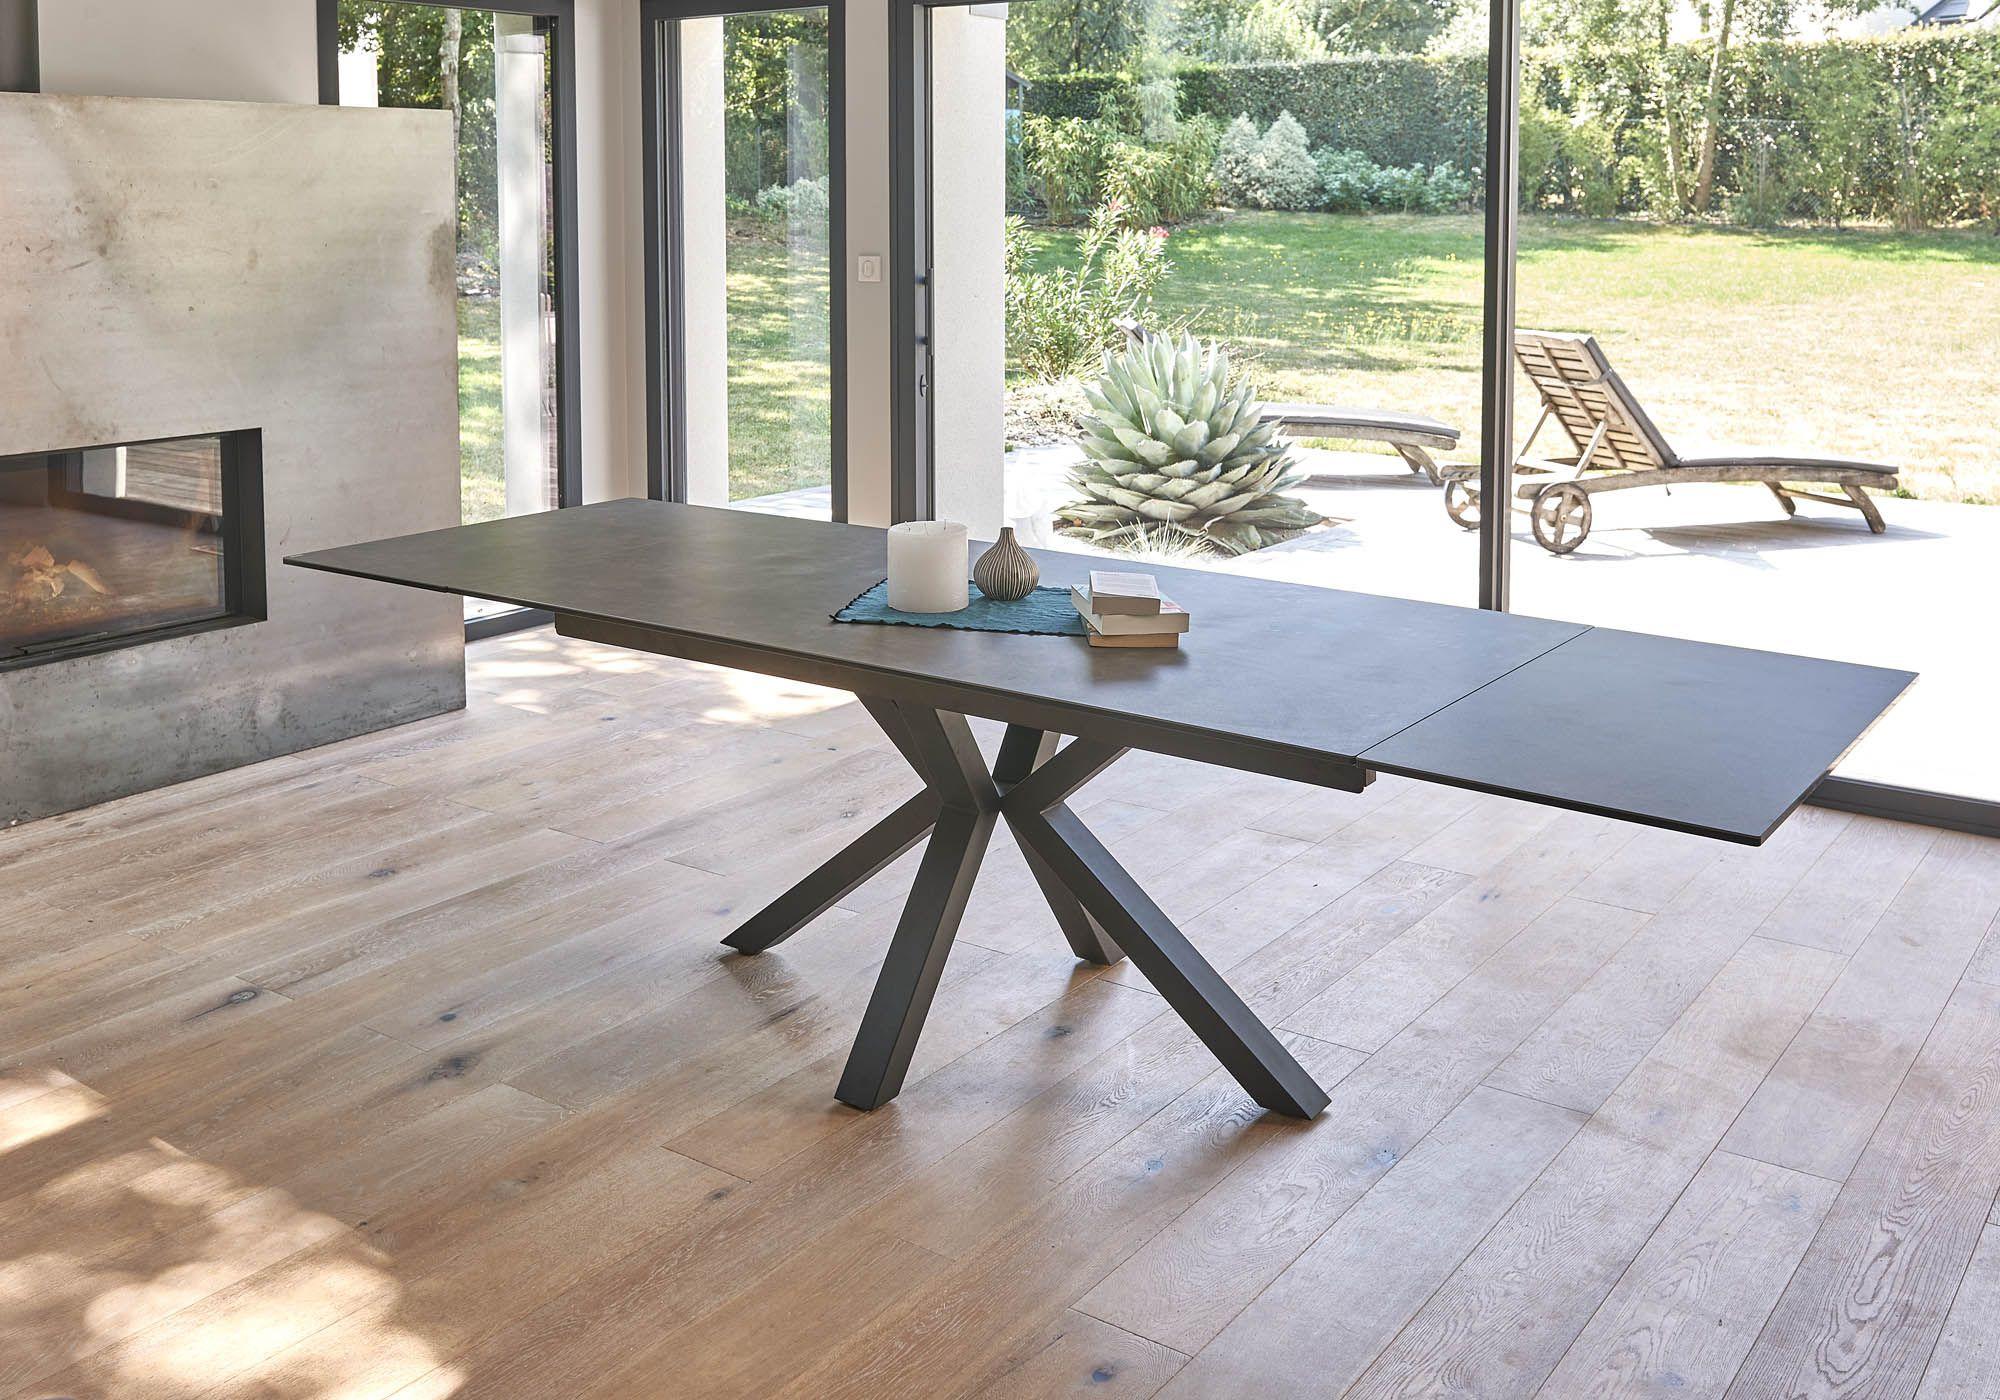 Table Extensible Avec Plateau En Céramique Teinte Grise Et intérieur Table Salle A Manger Plateau Ceramique